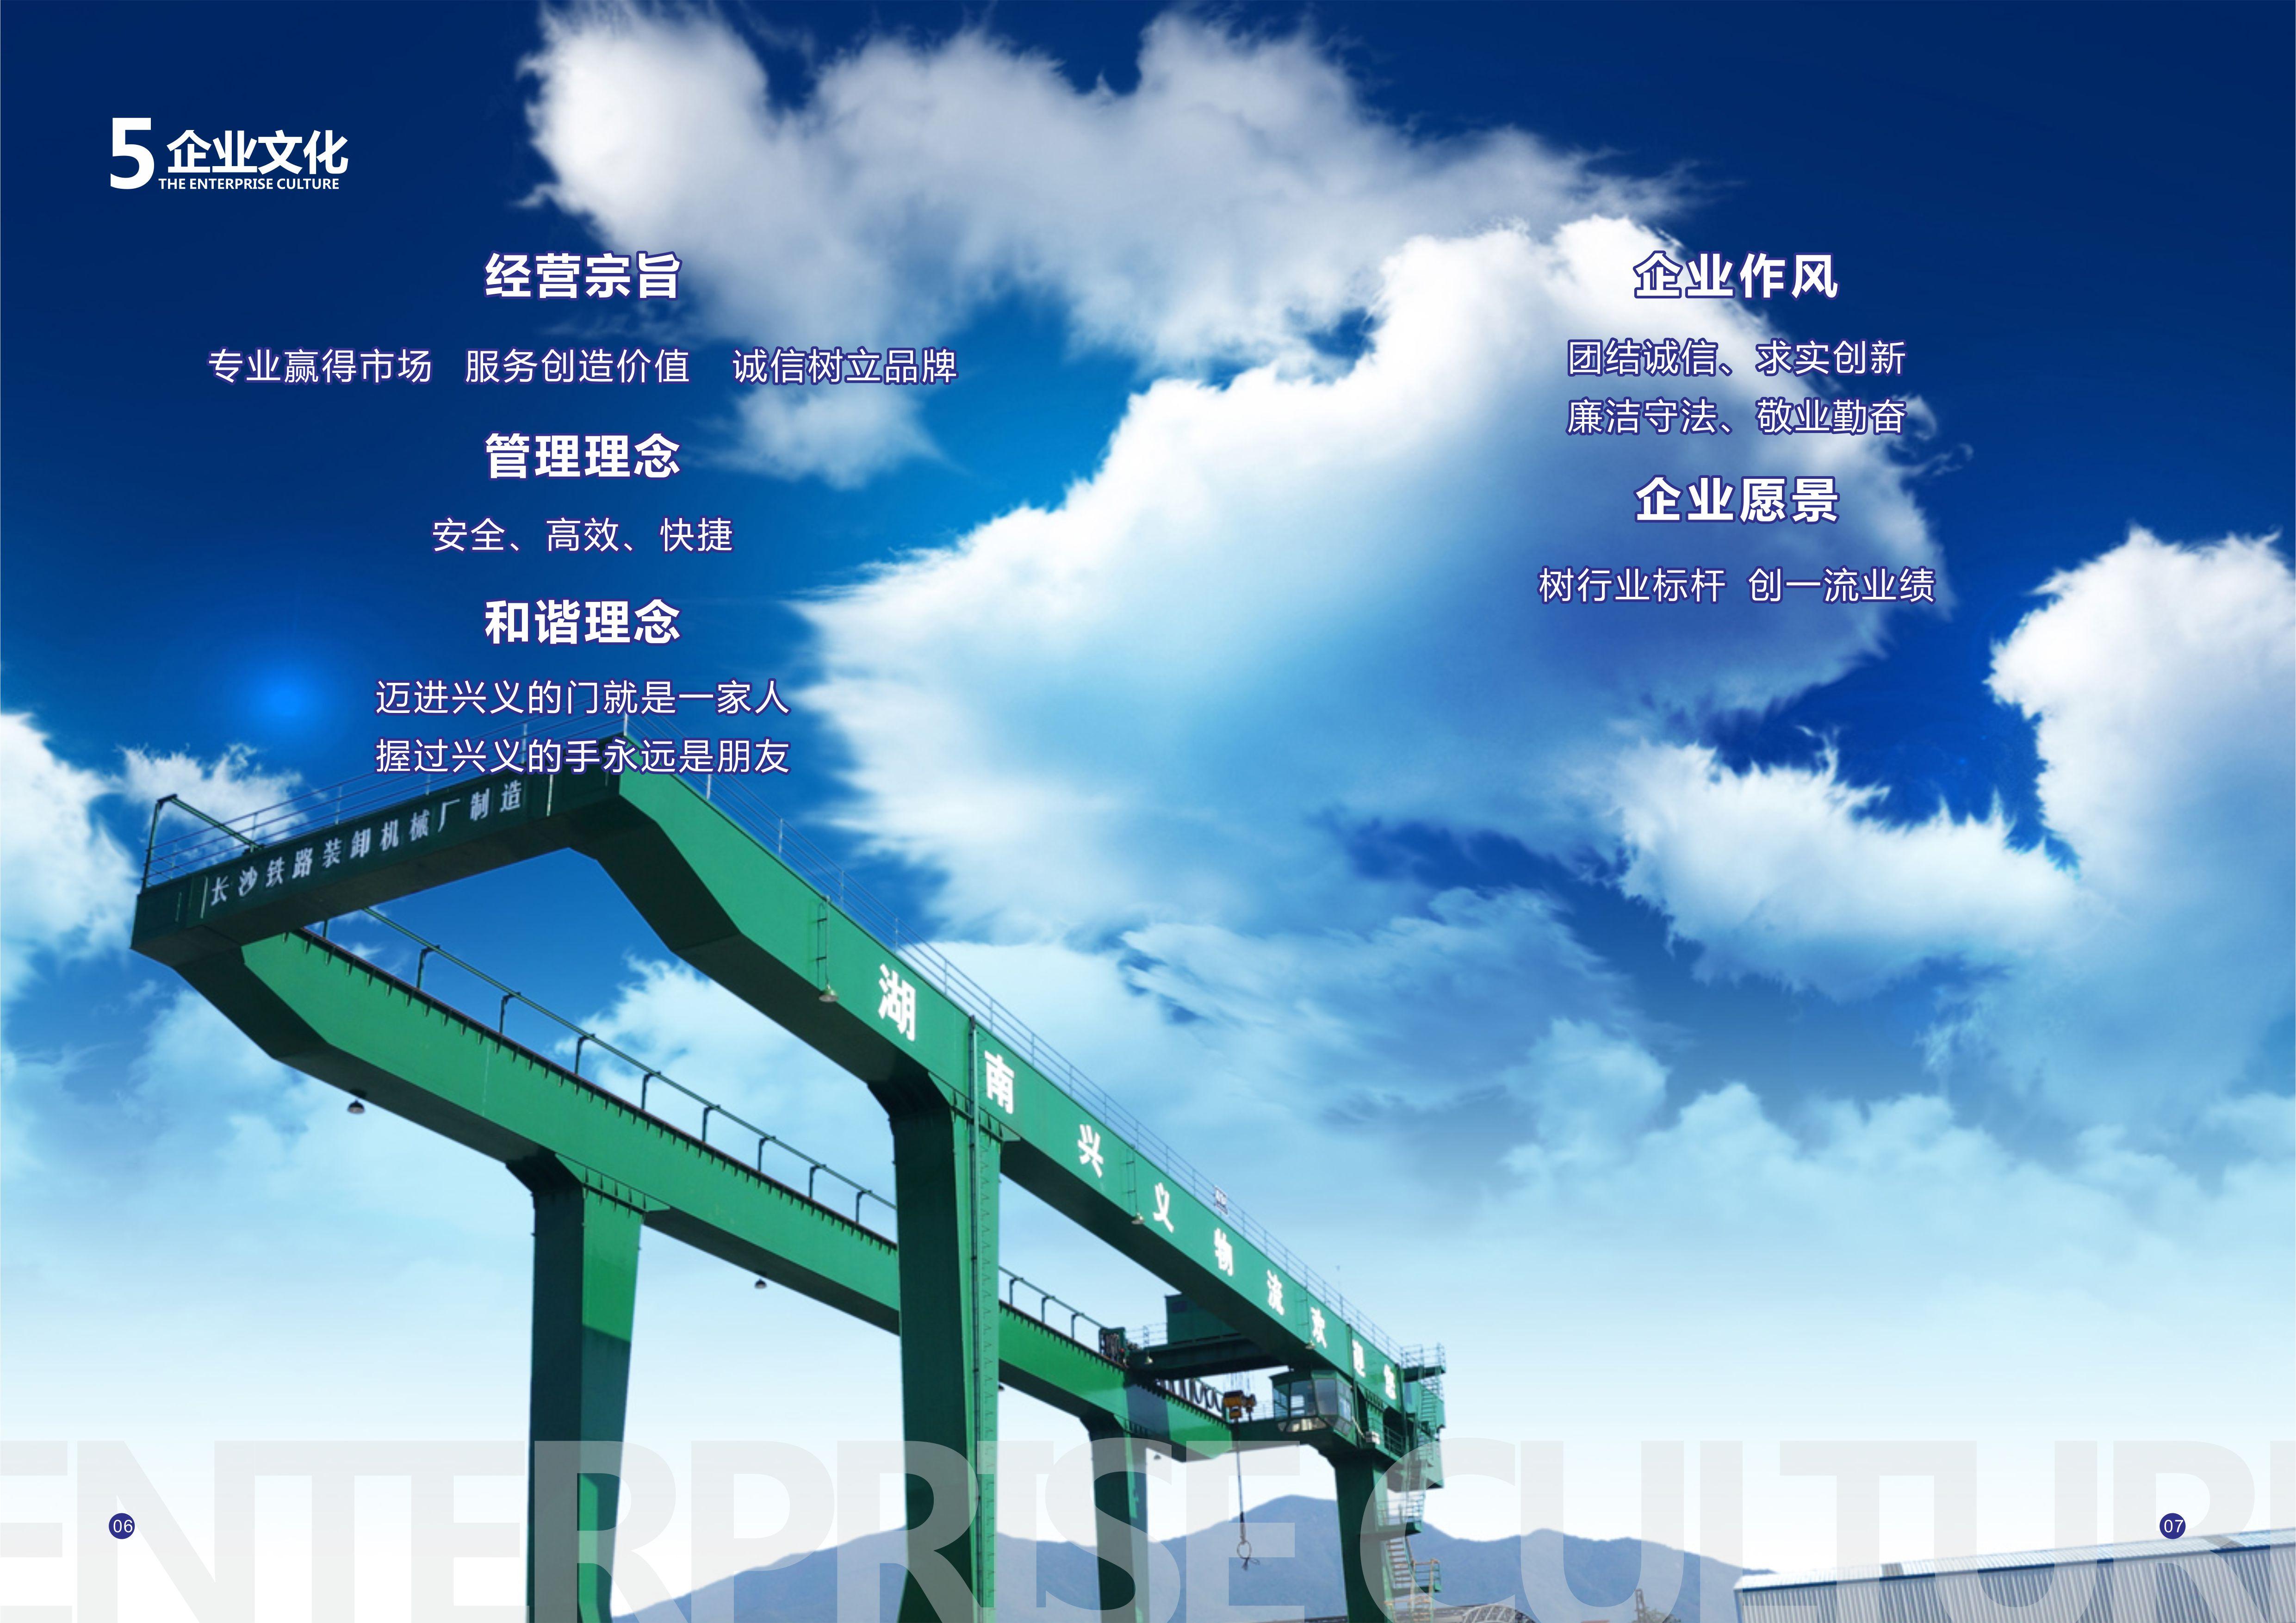 [铁路物流3PL企业推荐]湖南兴义物流有效公司